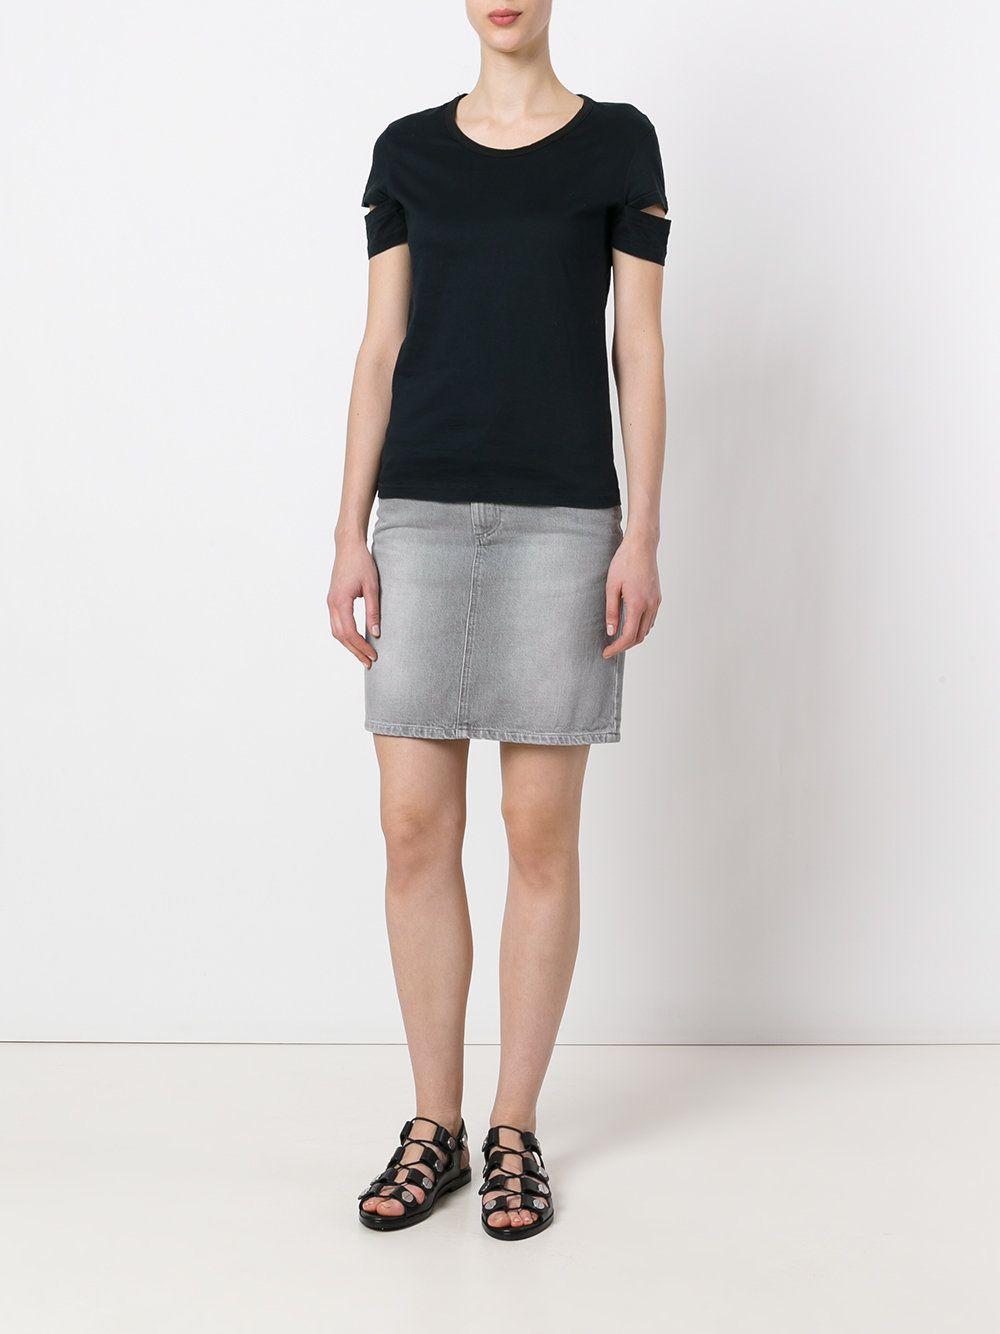 Shop Helmut Lang Vintage Short Denim Skirt At Modalist Denim Skirt Vintage Shorts Short Denim Skirt